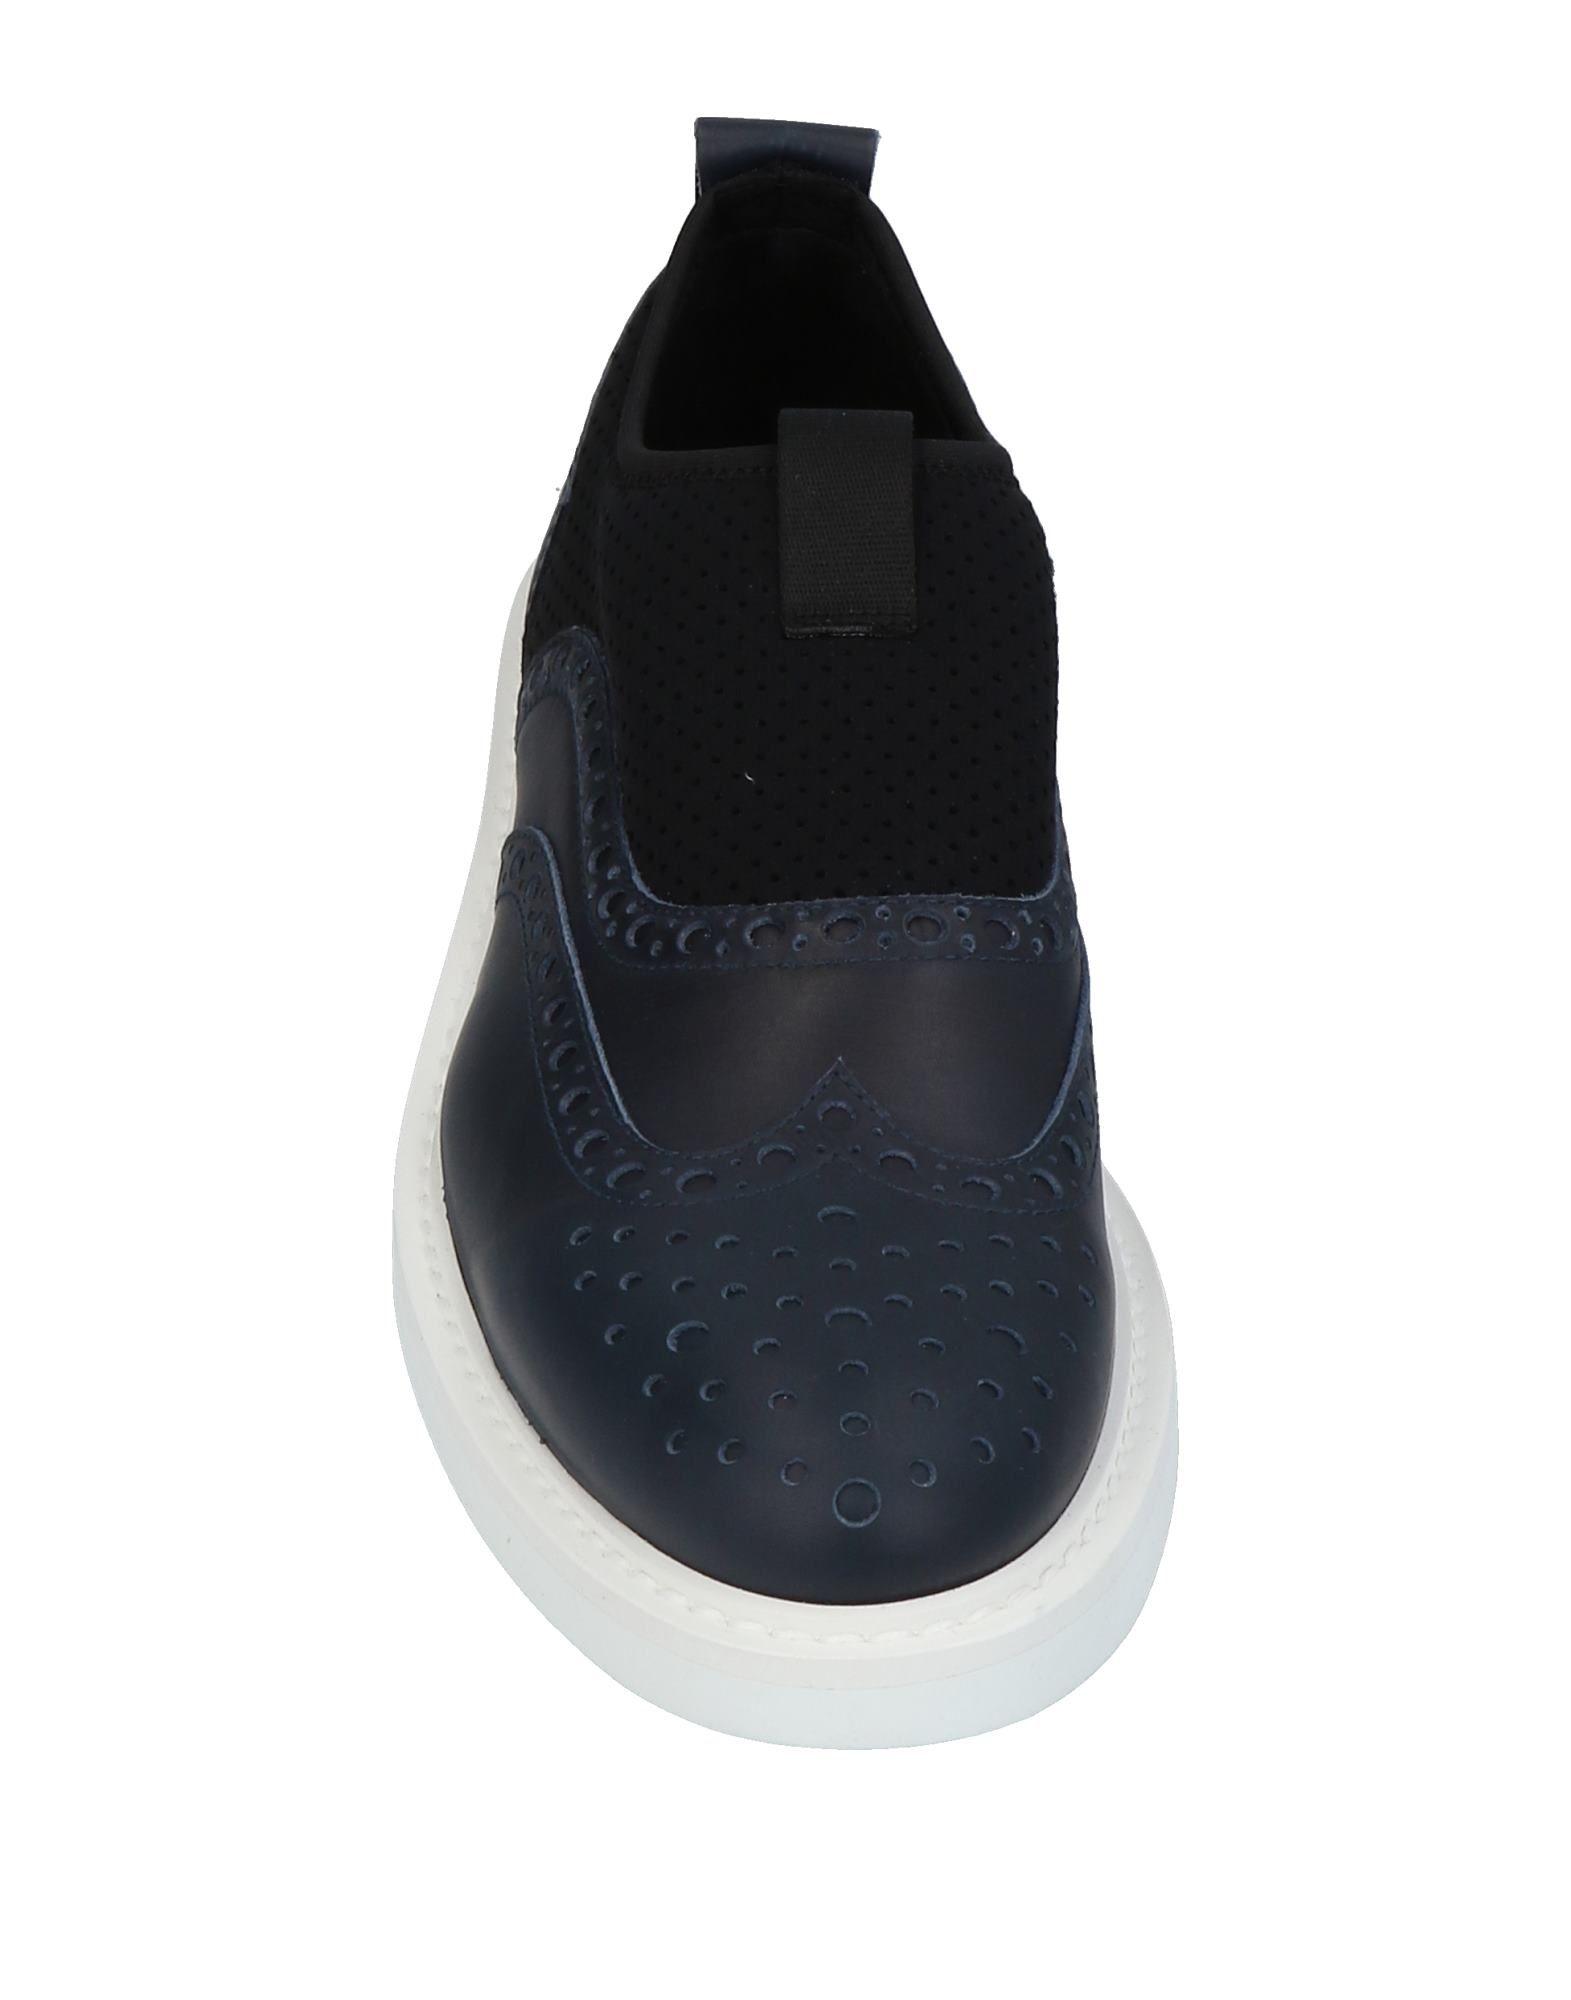 Rabatt echte Schuhe Herren Bruno Bordese Mokassins Herren Schuhe  11427917KF 7df140